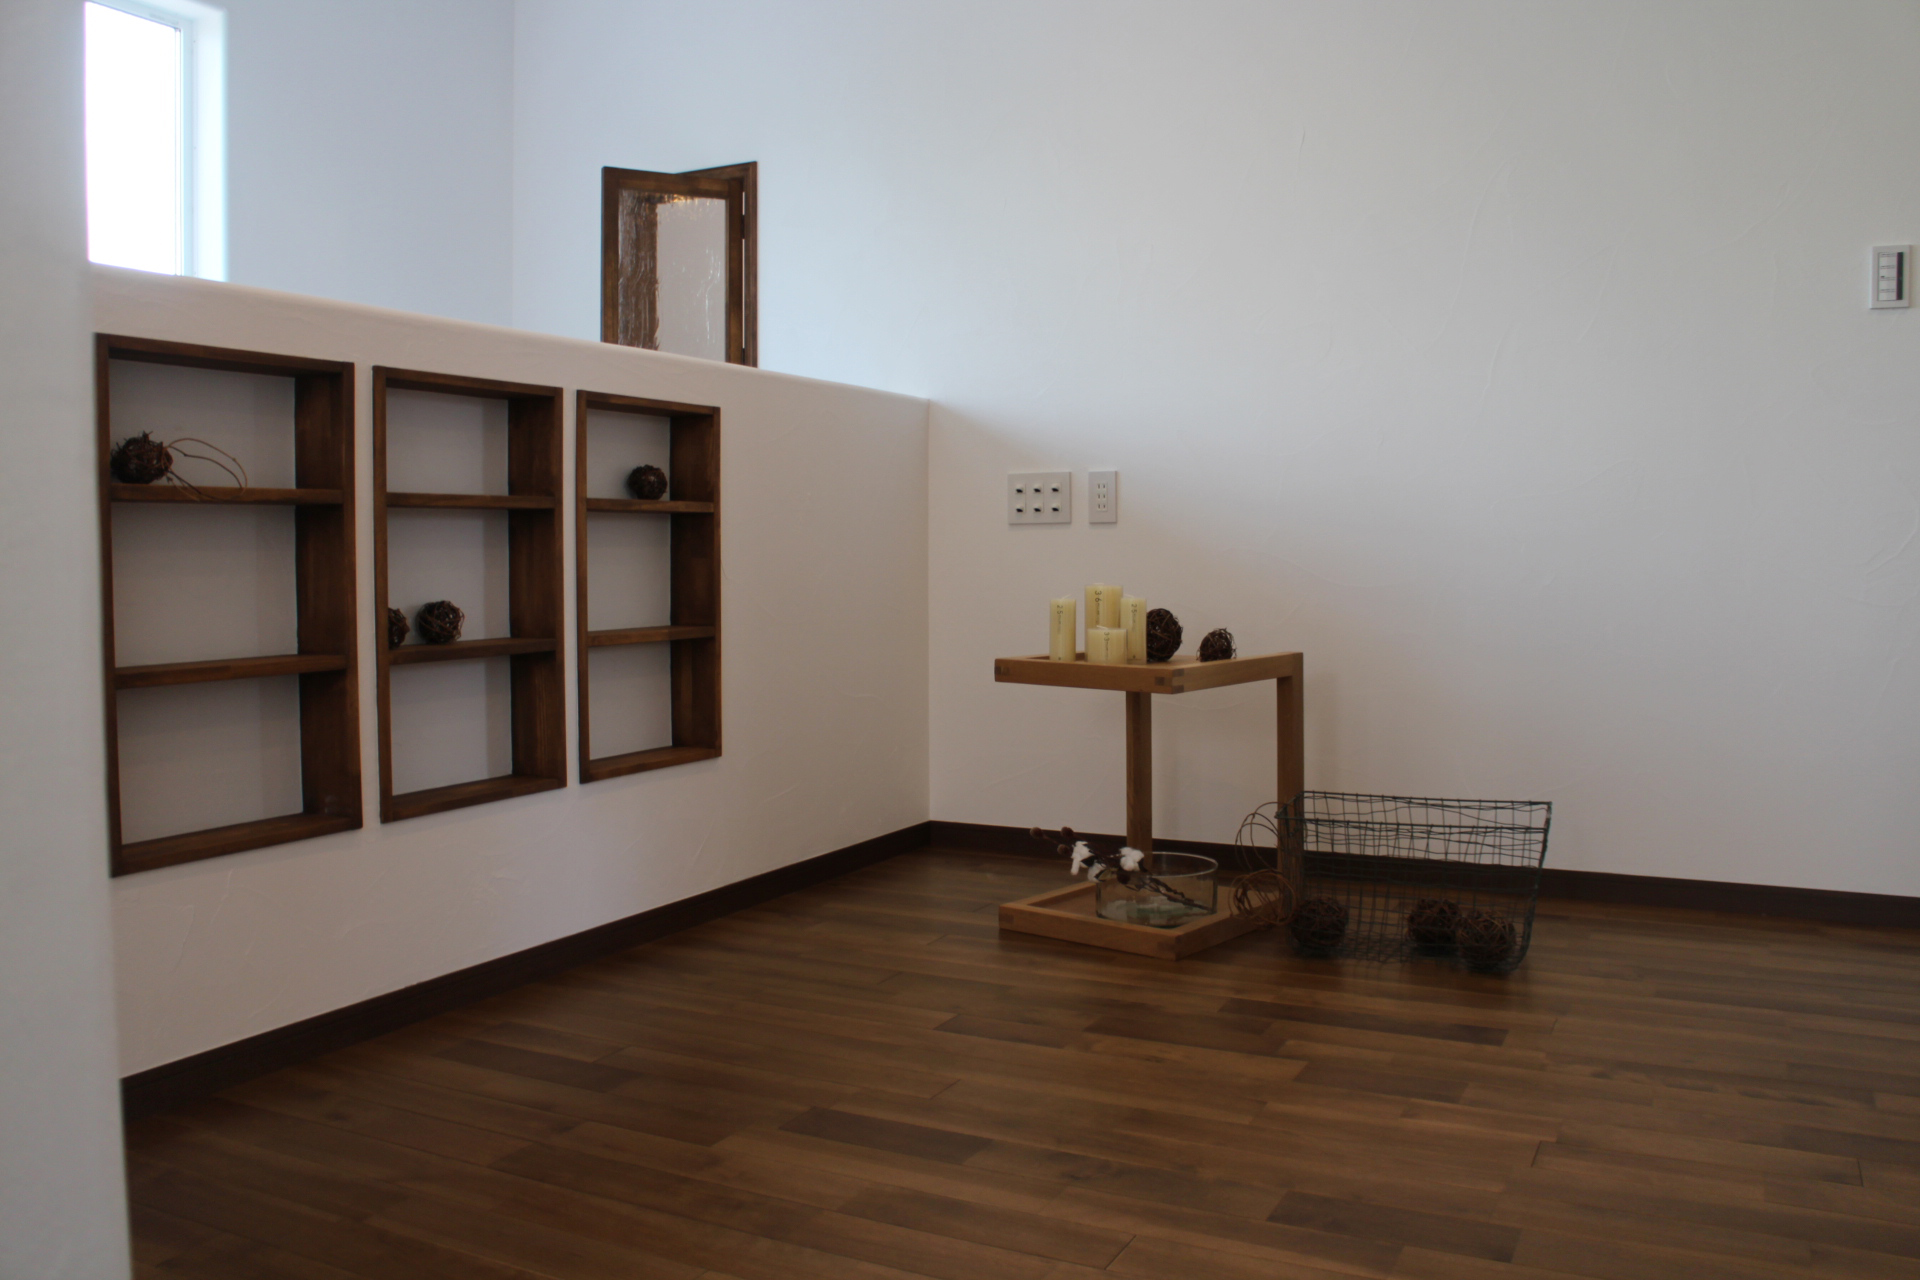 ファミリースペースには造作の本棚